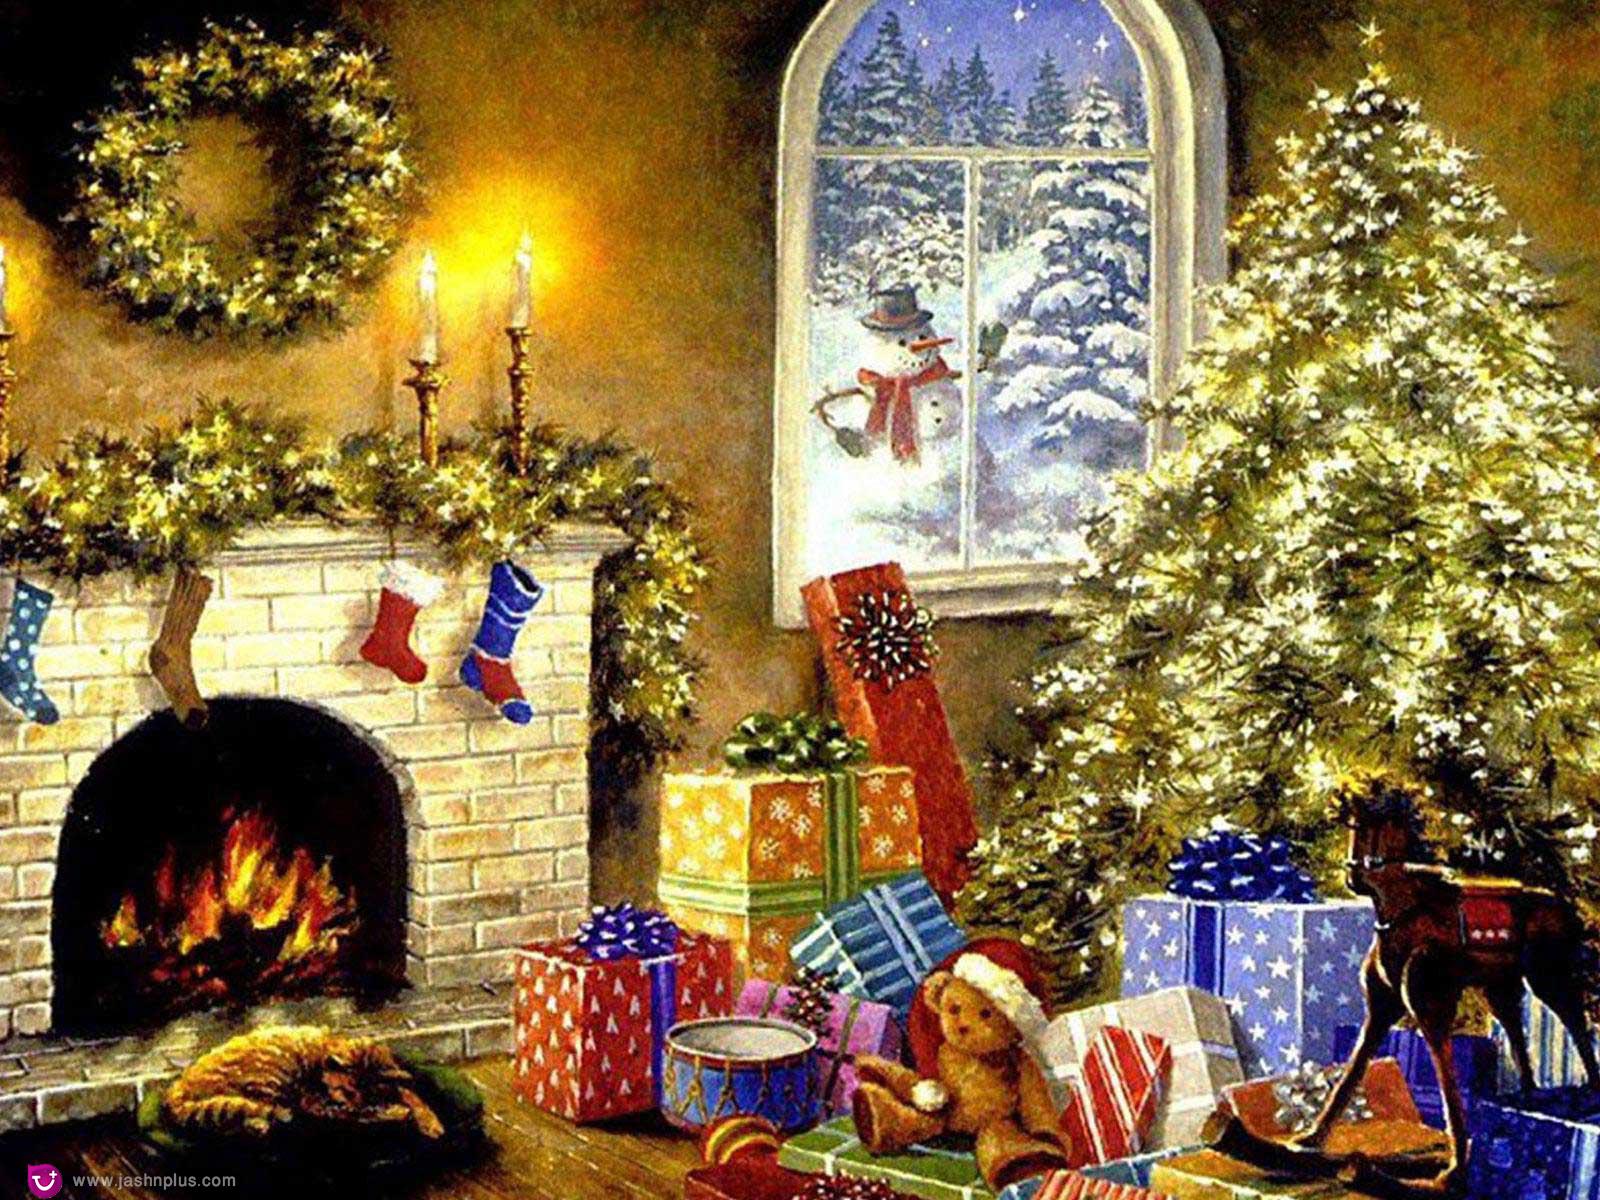 687940240 - کریسمس و یک میهمانی دور همی در روزهای سرد سال